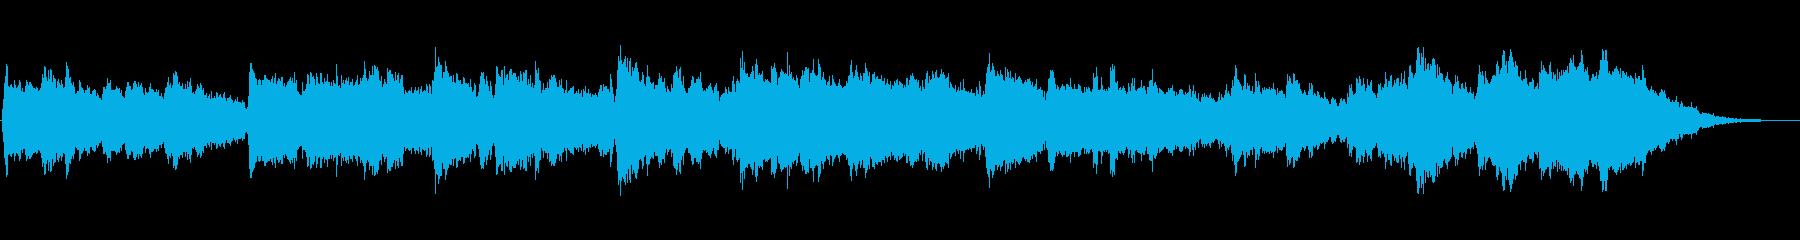 動画 説明的 静か 気分が良い 平...の再生済みの波形